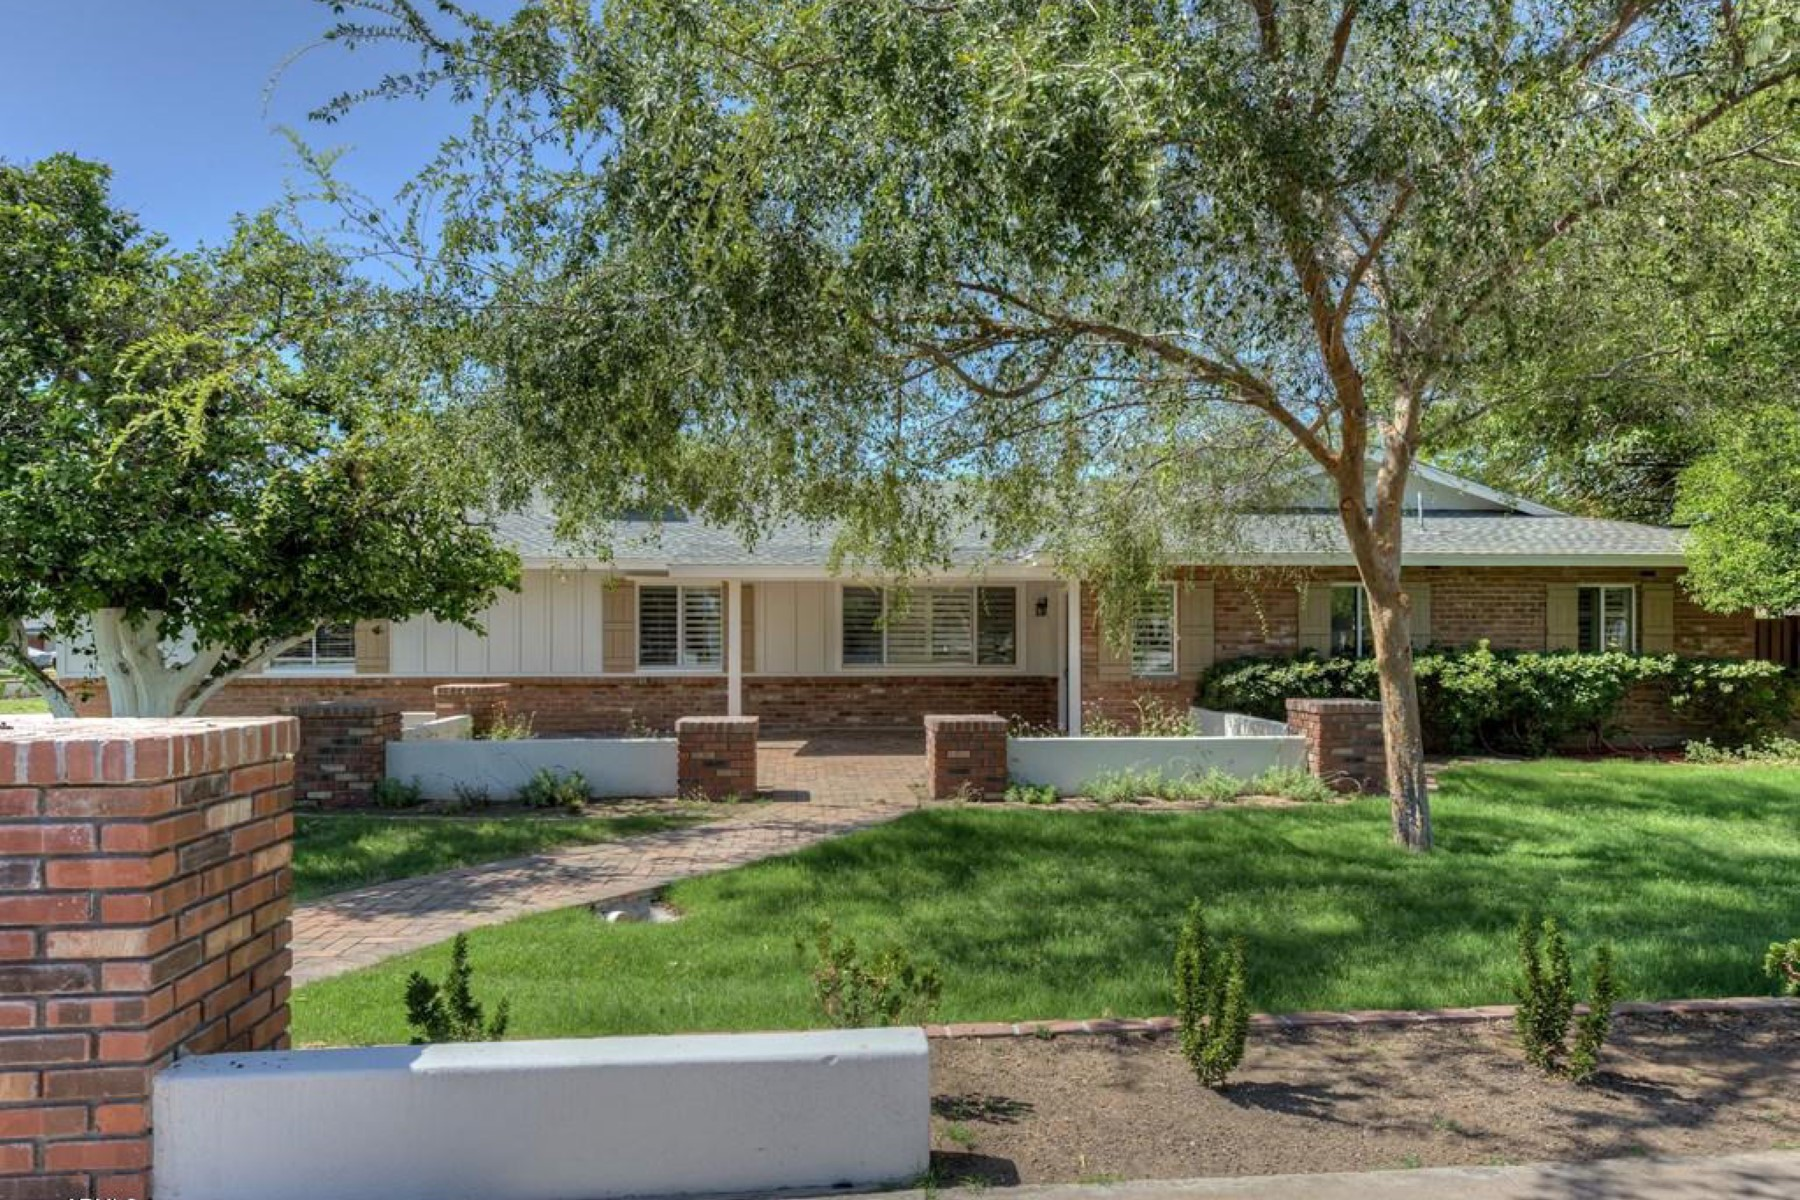 Maison unifamiliale pour l Vente à Great Single Level Ranch Home in the Heart of Arcadia 6139 E Calle Del Media Scottsdale, Arizona, 85251 États-Unis